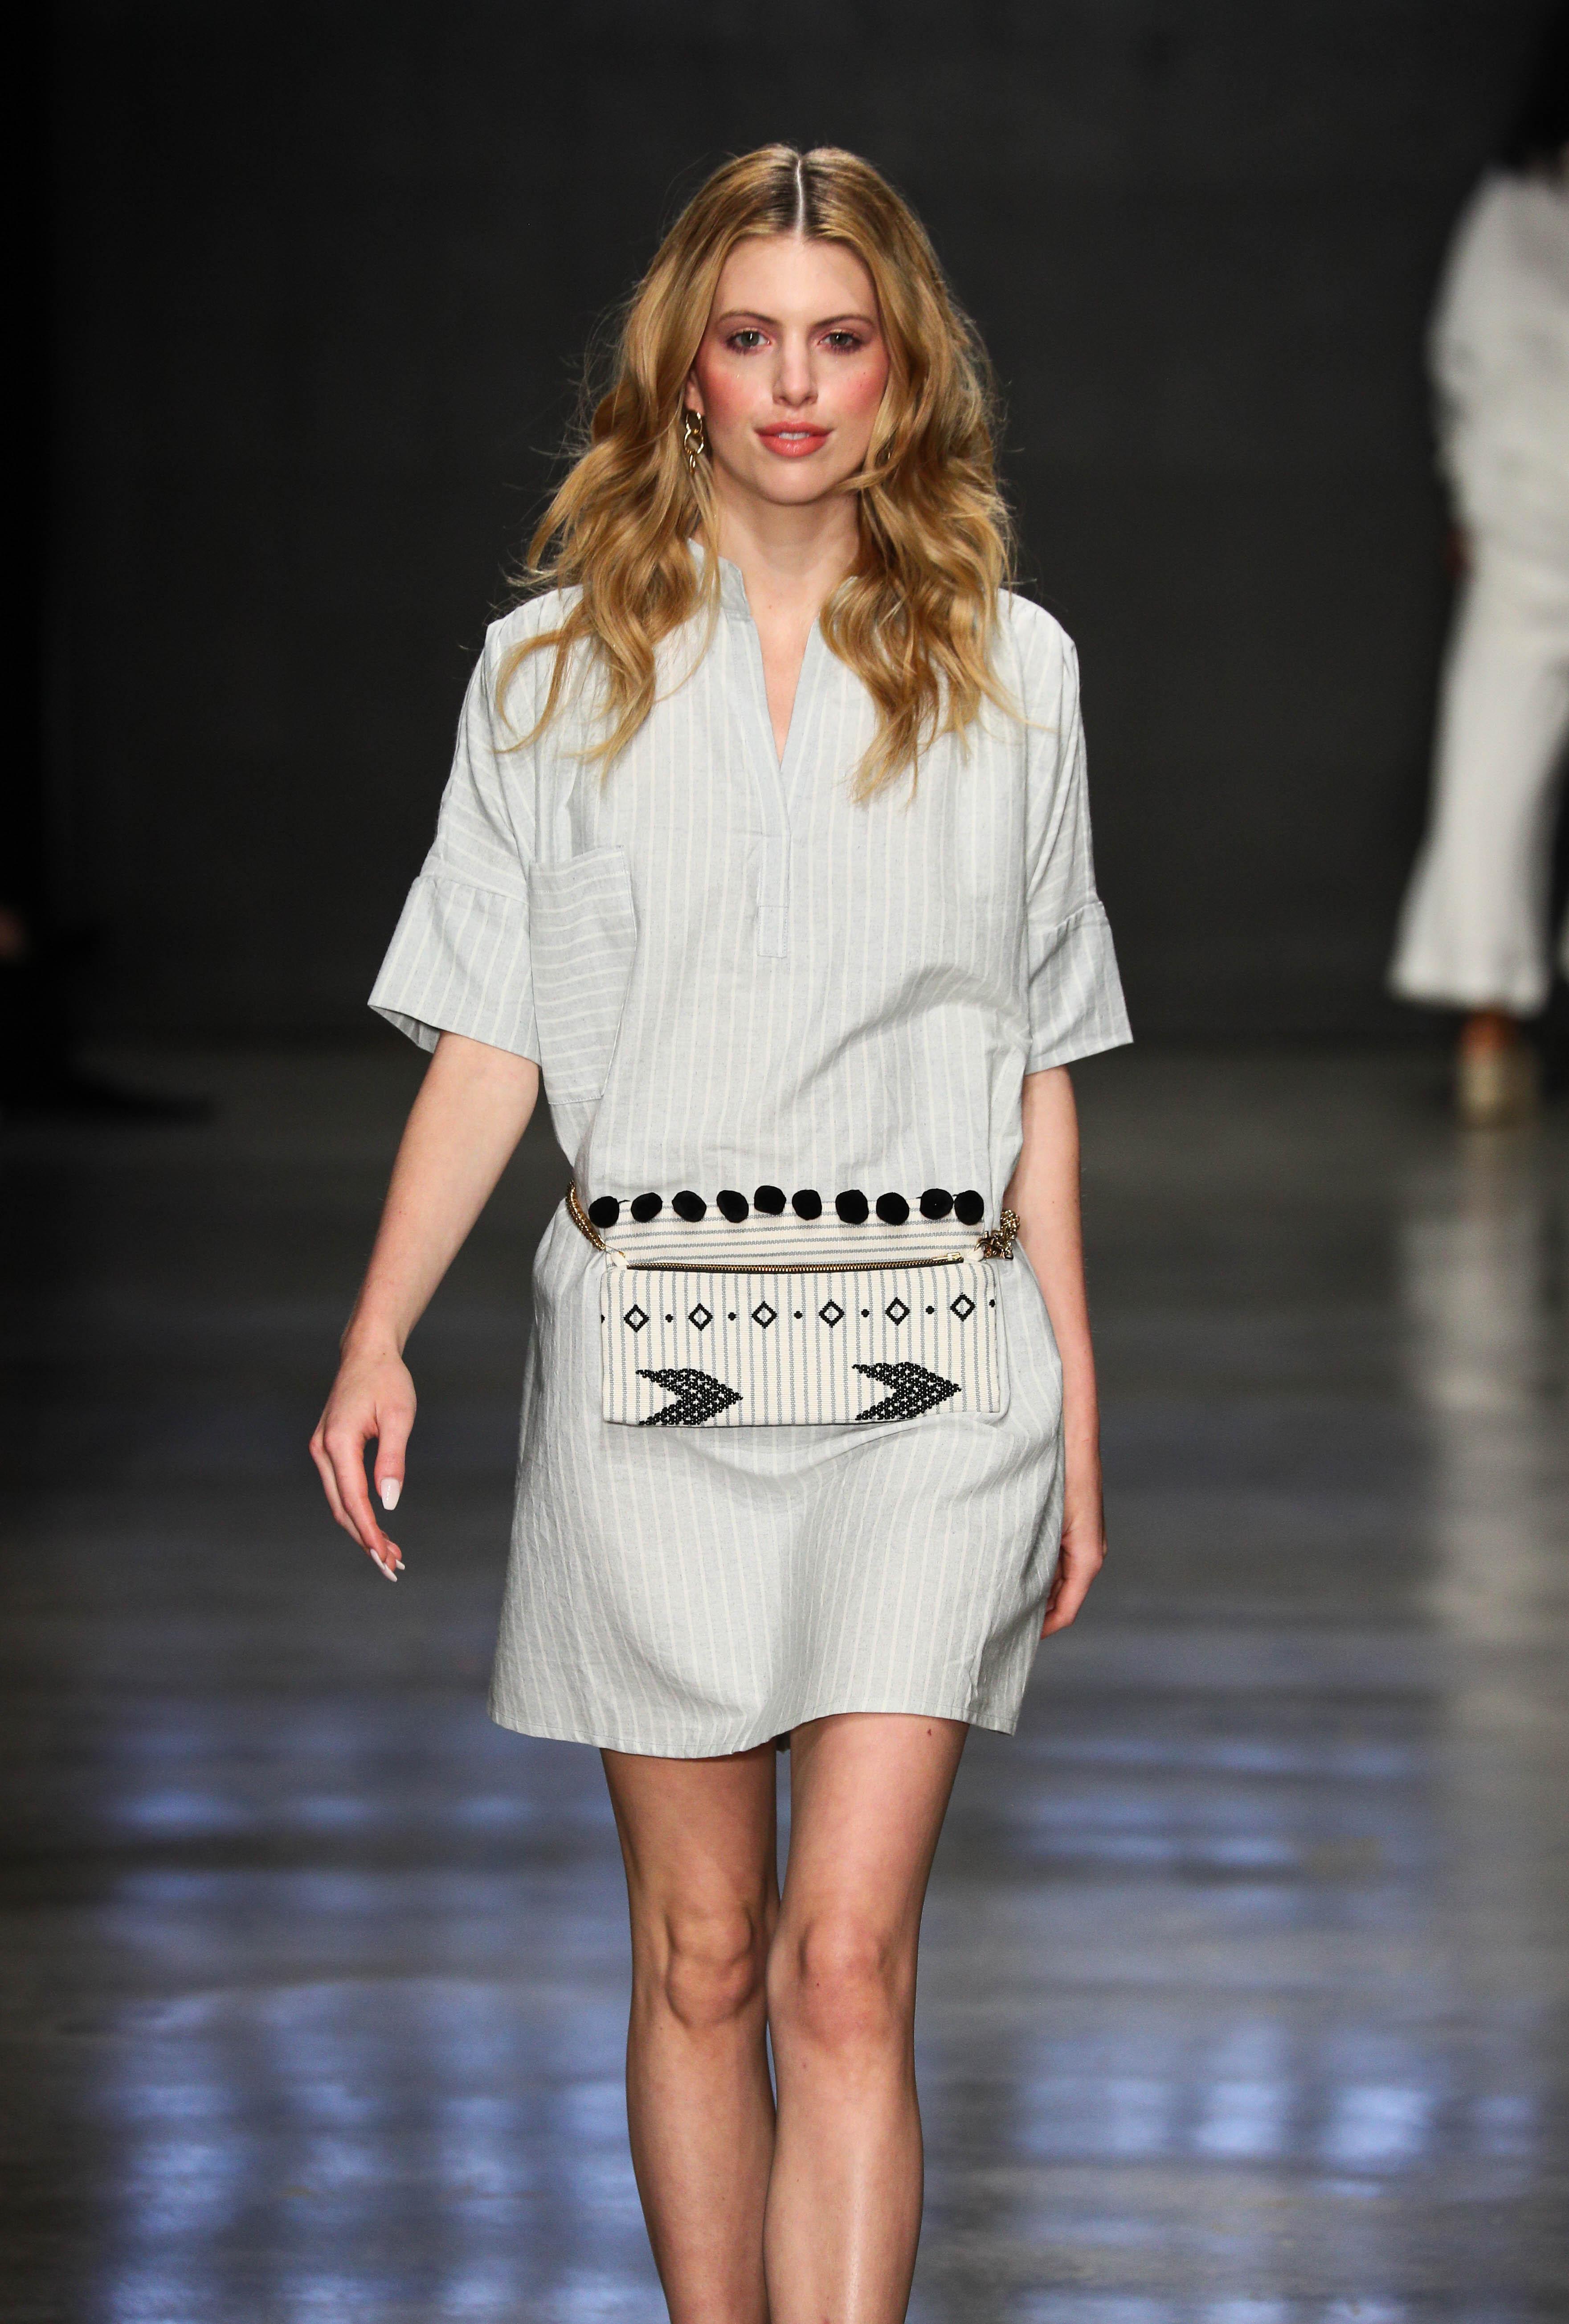 TribeAlive Sustainable Fashion EcoMogul Magazine 3